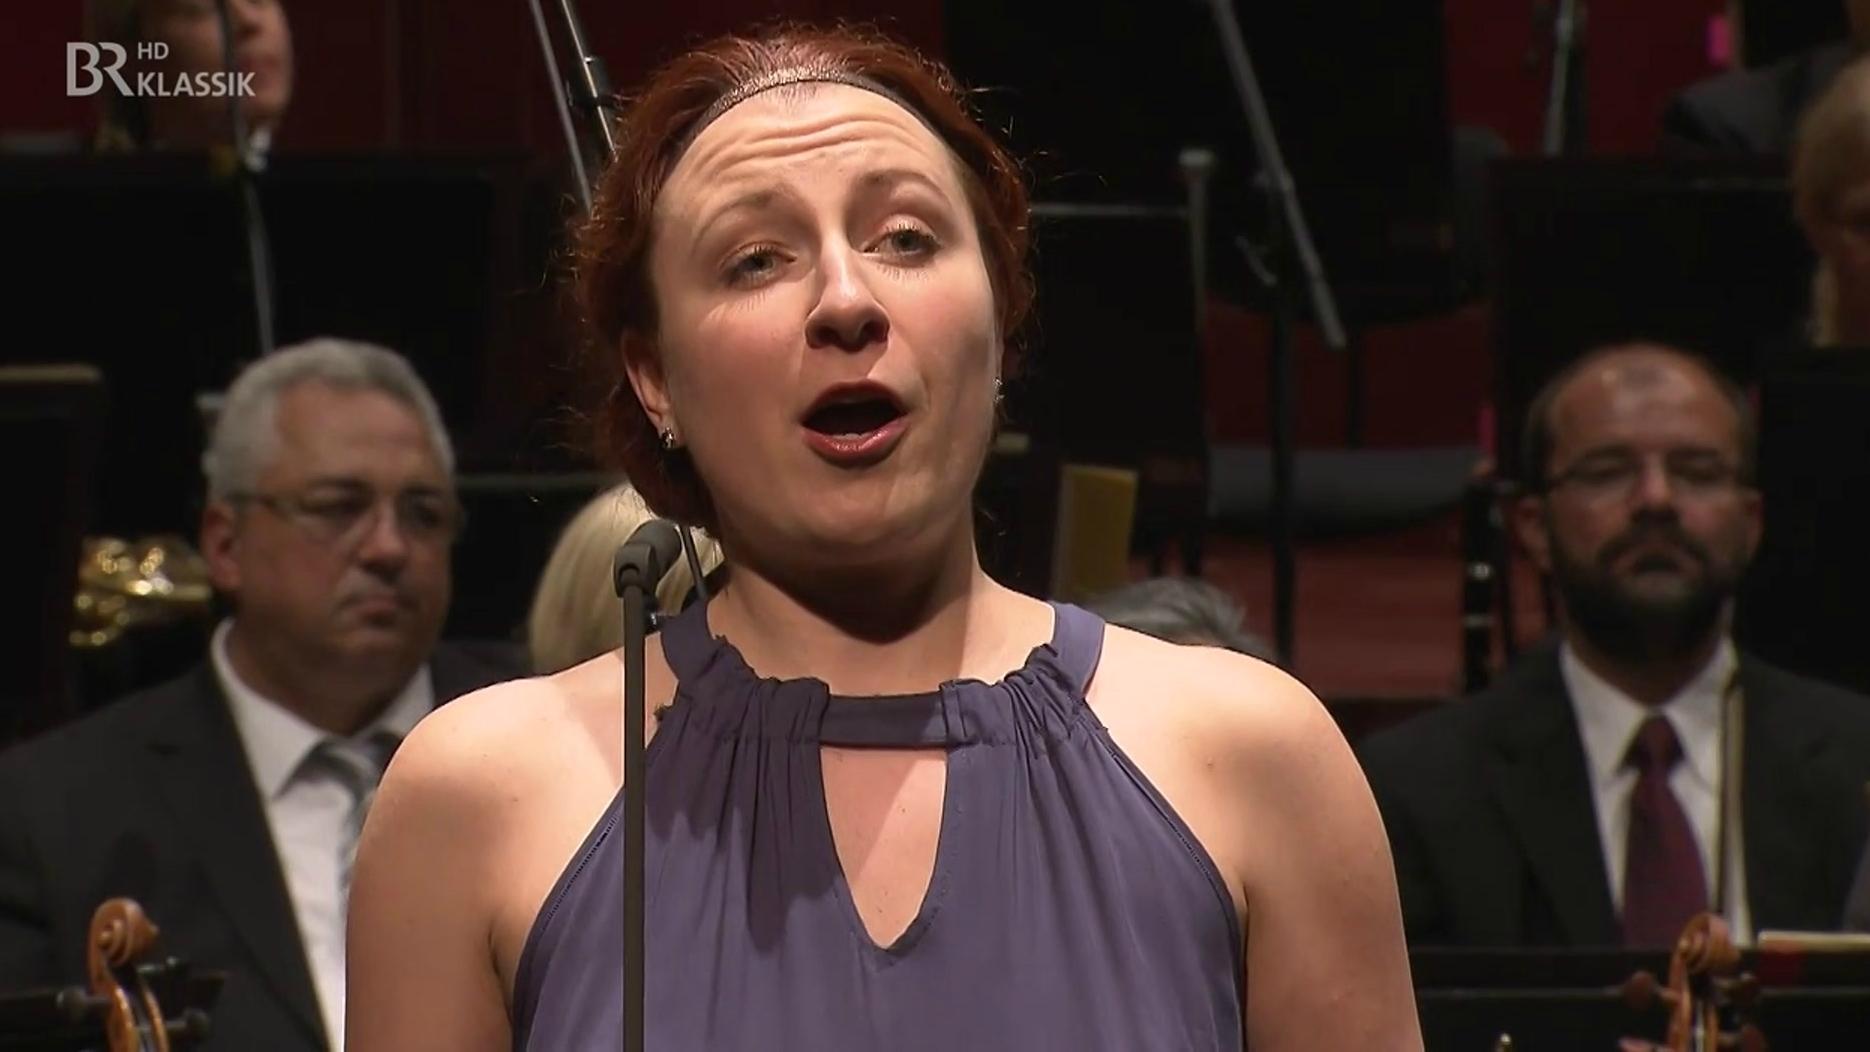 Natalia Boeva singt beim ARD-Musikwettbewerb am 12.9.,  wo sie den ersten Preis erhalten hat.